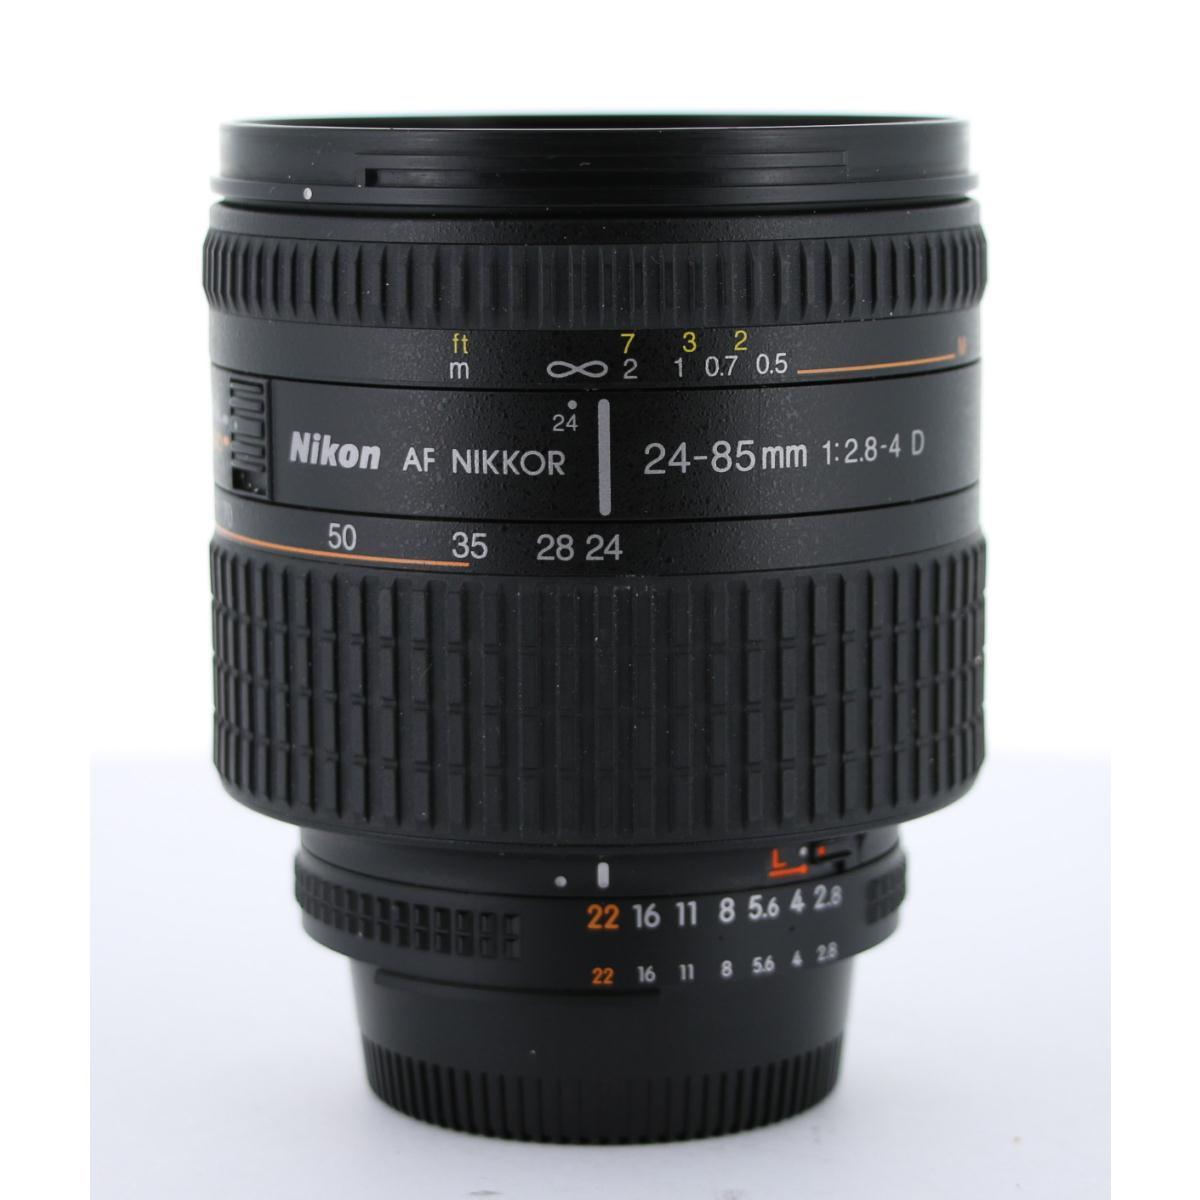 NIKON AF24-85mm F2.8-4D【中古】